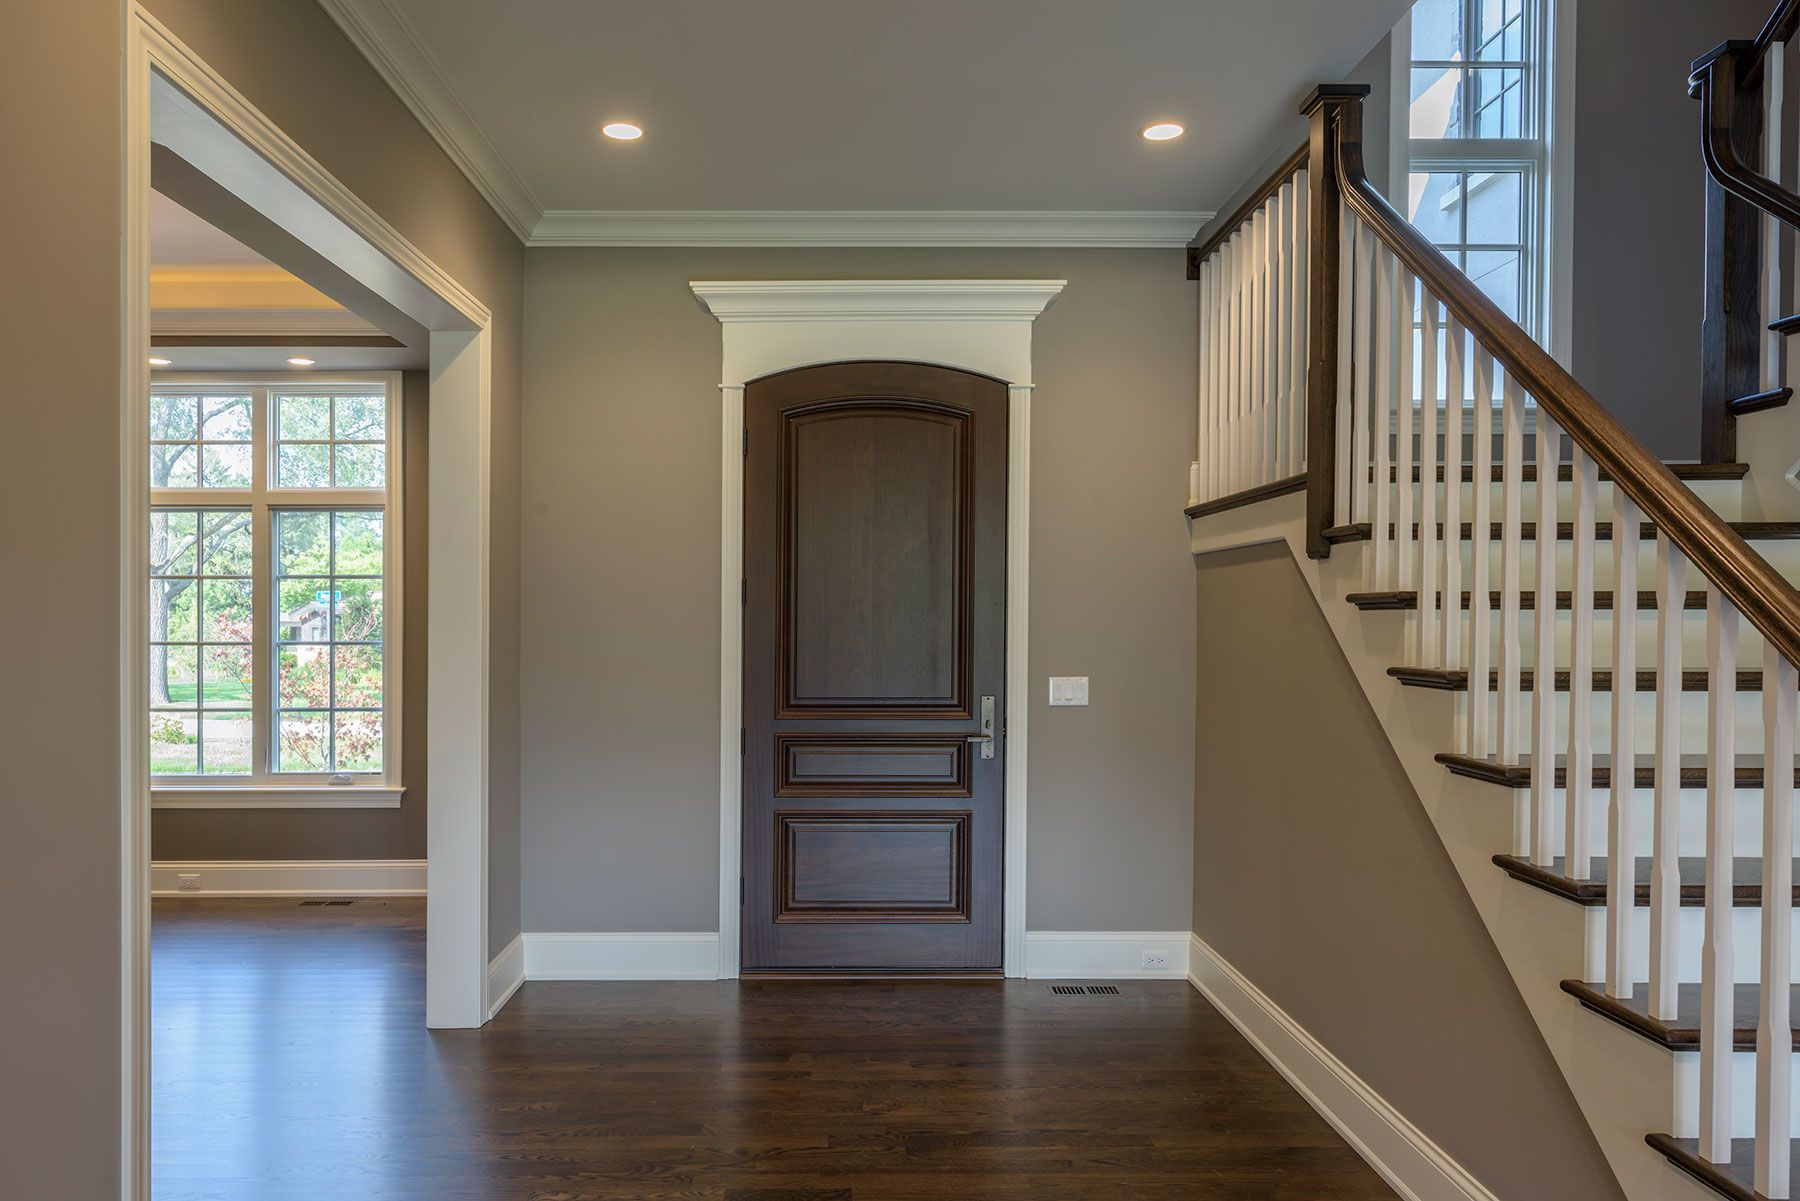 High End Single Front Entry Door In Dark Finish Door Gallery In Stock And Custom Wood Doors In 2020 Custom Entry Doors Custom Wood Doors Entry Doors